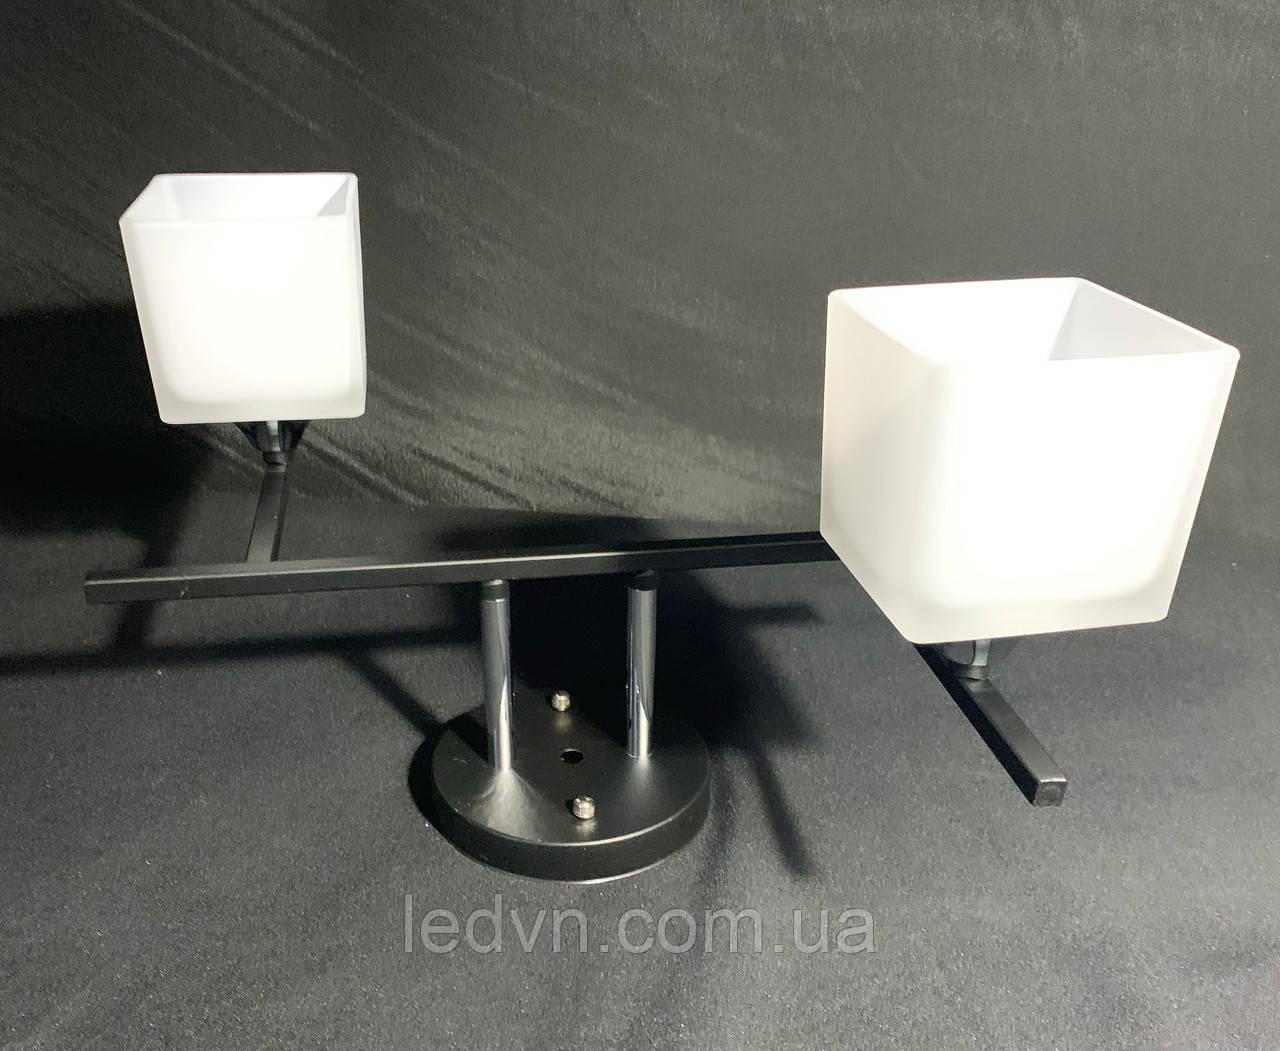 Стельова люстра на 2 лампи квадратні плафони в чорному кольорі